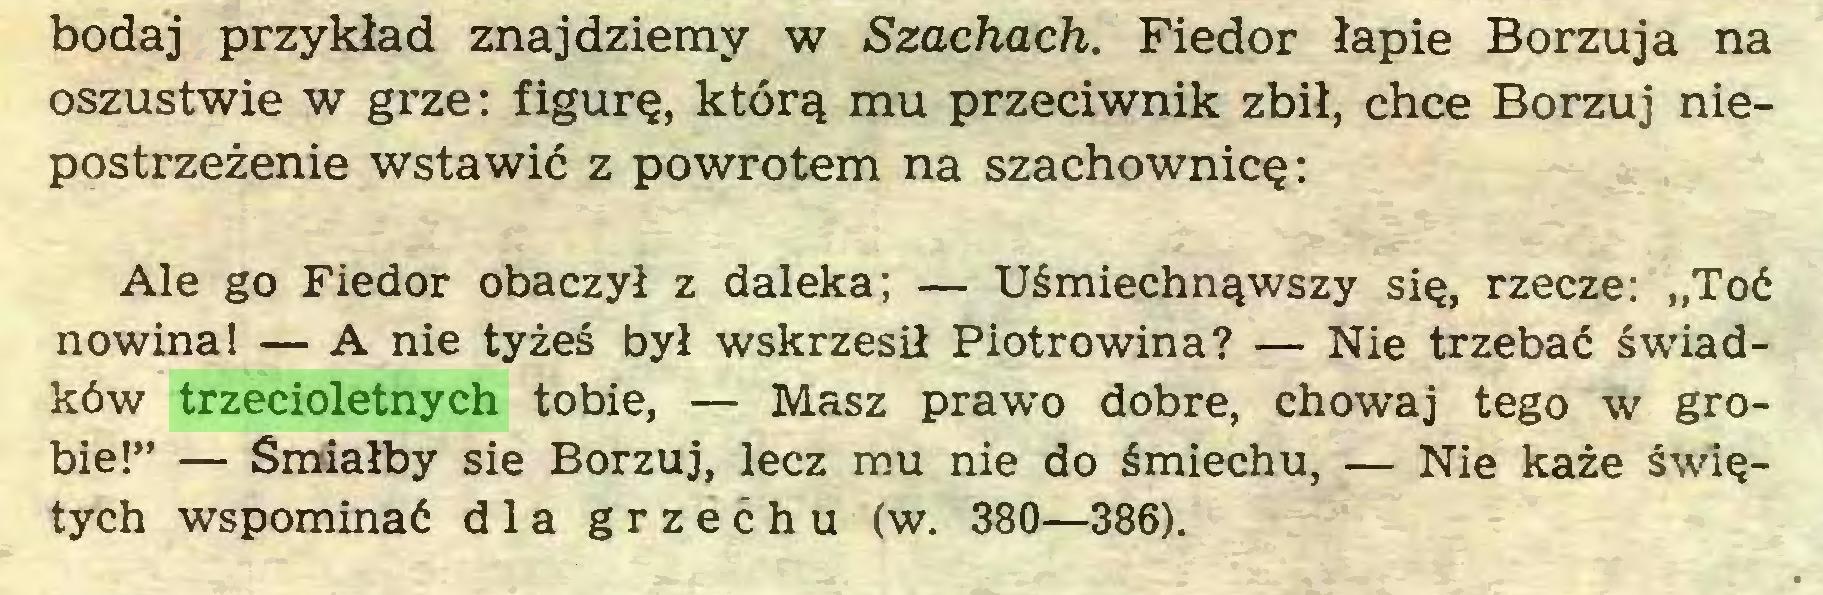 """(...) bodaj przykład znajdziemy w Szachach. Fiedor łapie Borzuja na oszustwie w grze: figurę, którą mu przeciwnik zbił, chce Borzuj niepostrzeżenie wstawić z powrotem na szachownicę: Ale go Fiedor obaczył z daleka; — Uśmiechnąwszy się, rzecze: """"Toć nowina! — A nie tyżeś był wskrzesił Piotrowina? — Nie trzebać świadków trzecioletnych tobie, — Masz prawo dobre, chowaj tego w grobie!"""" — Śmiałby sie Borzuj, lecz mu nie do śmiechu, — Nie każe świętych wspominać dla grzechu (w. 380—386)..."""